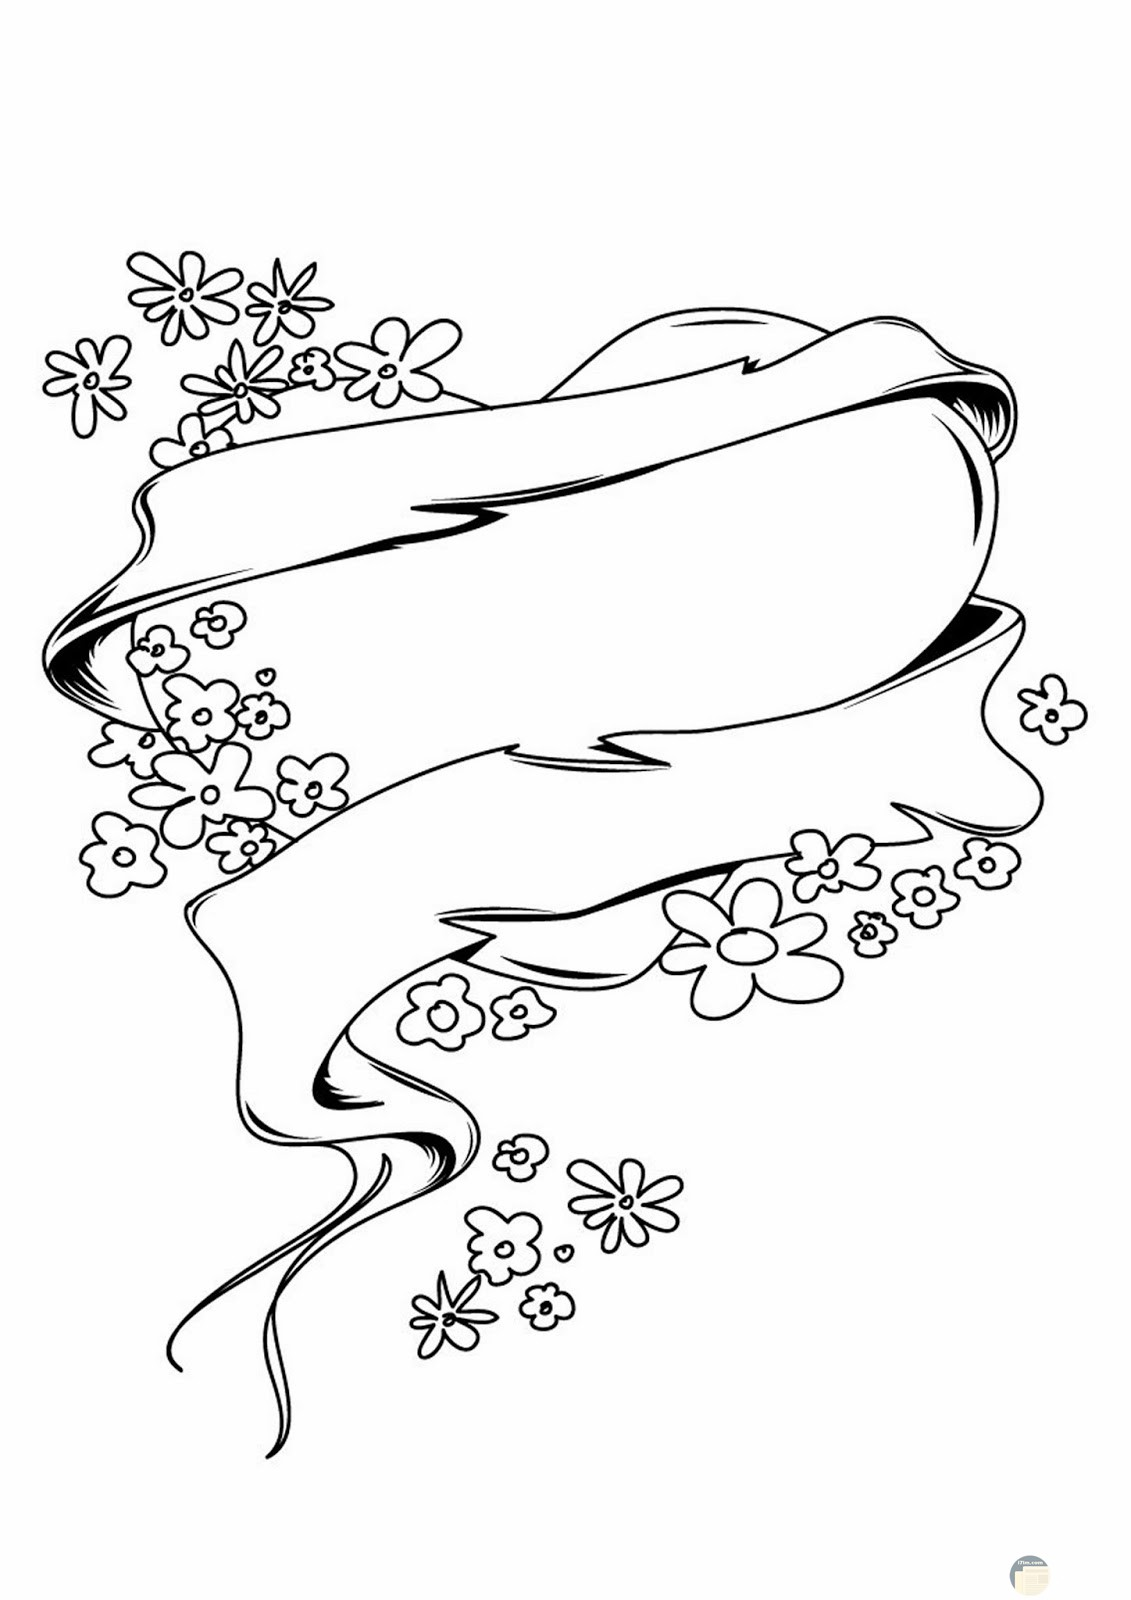 قلب رائع محاط بشريط من الورود